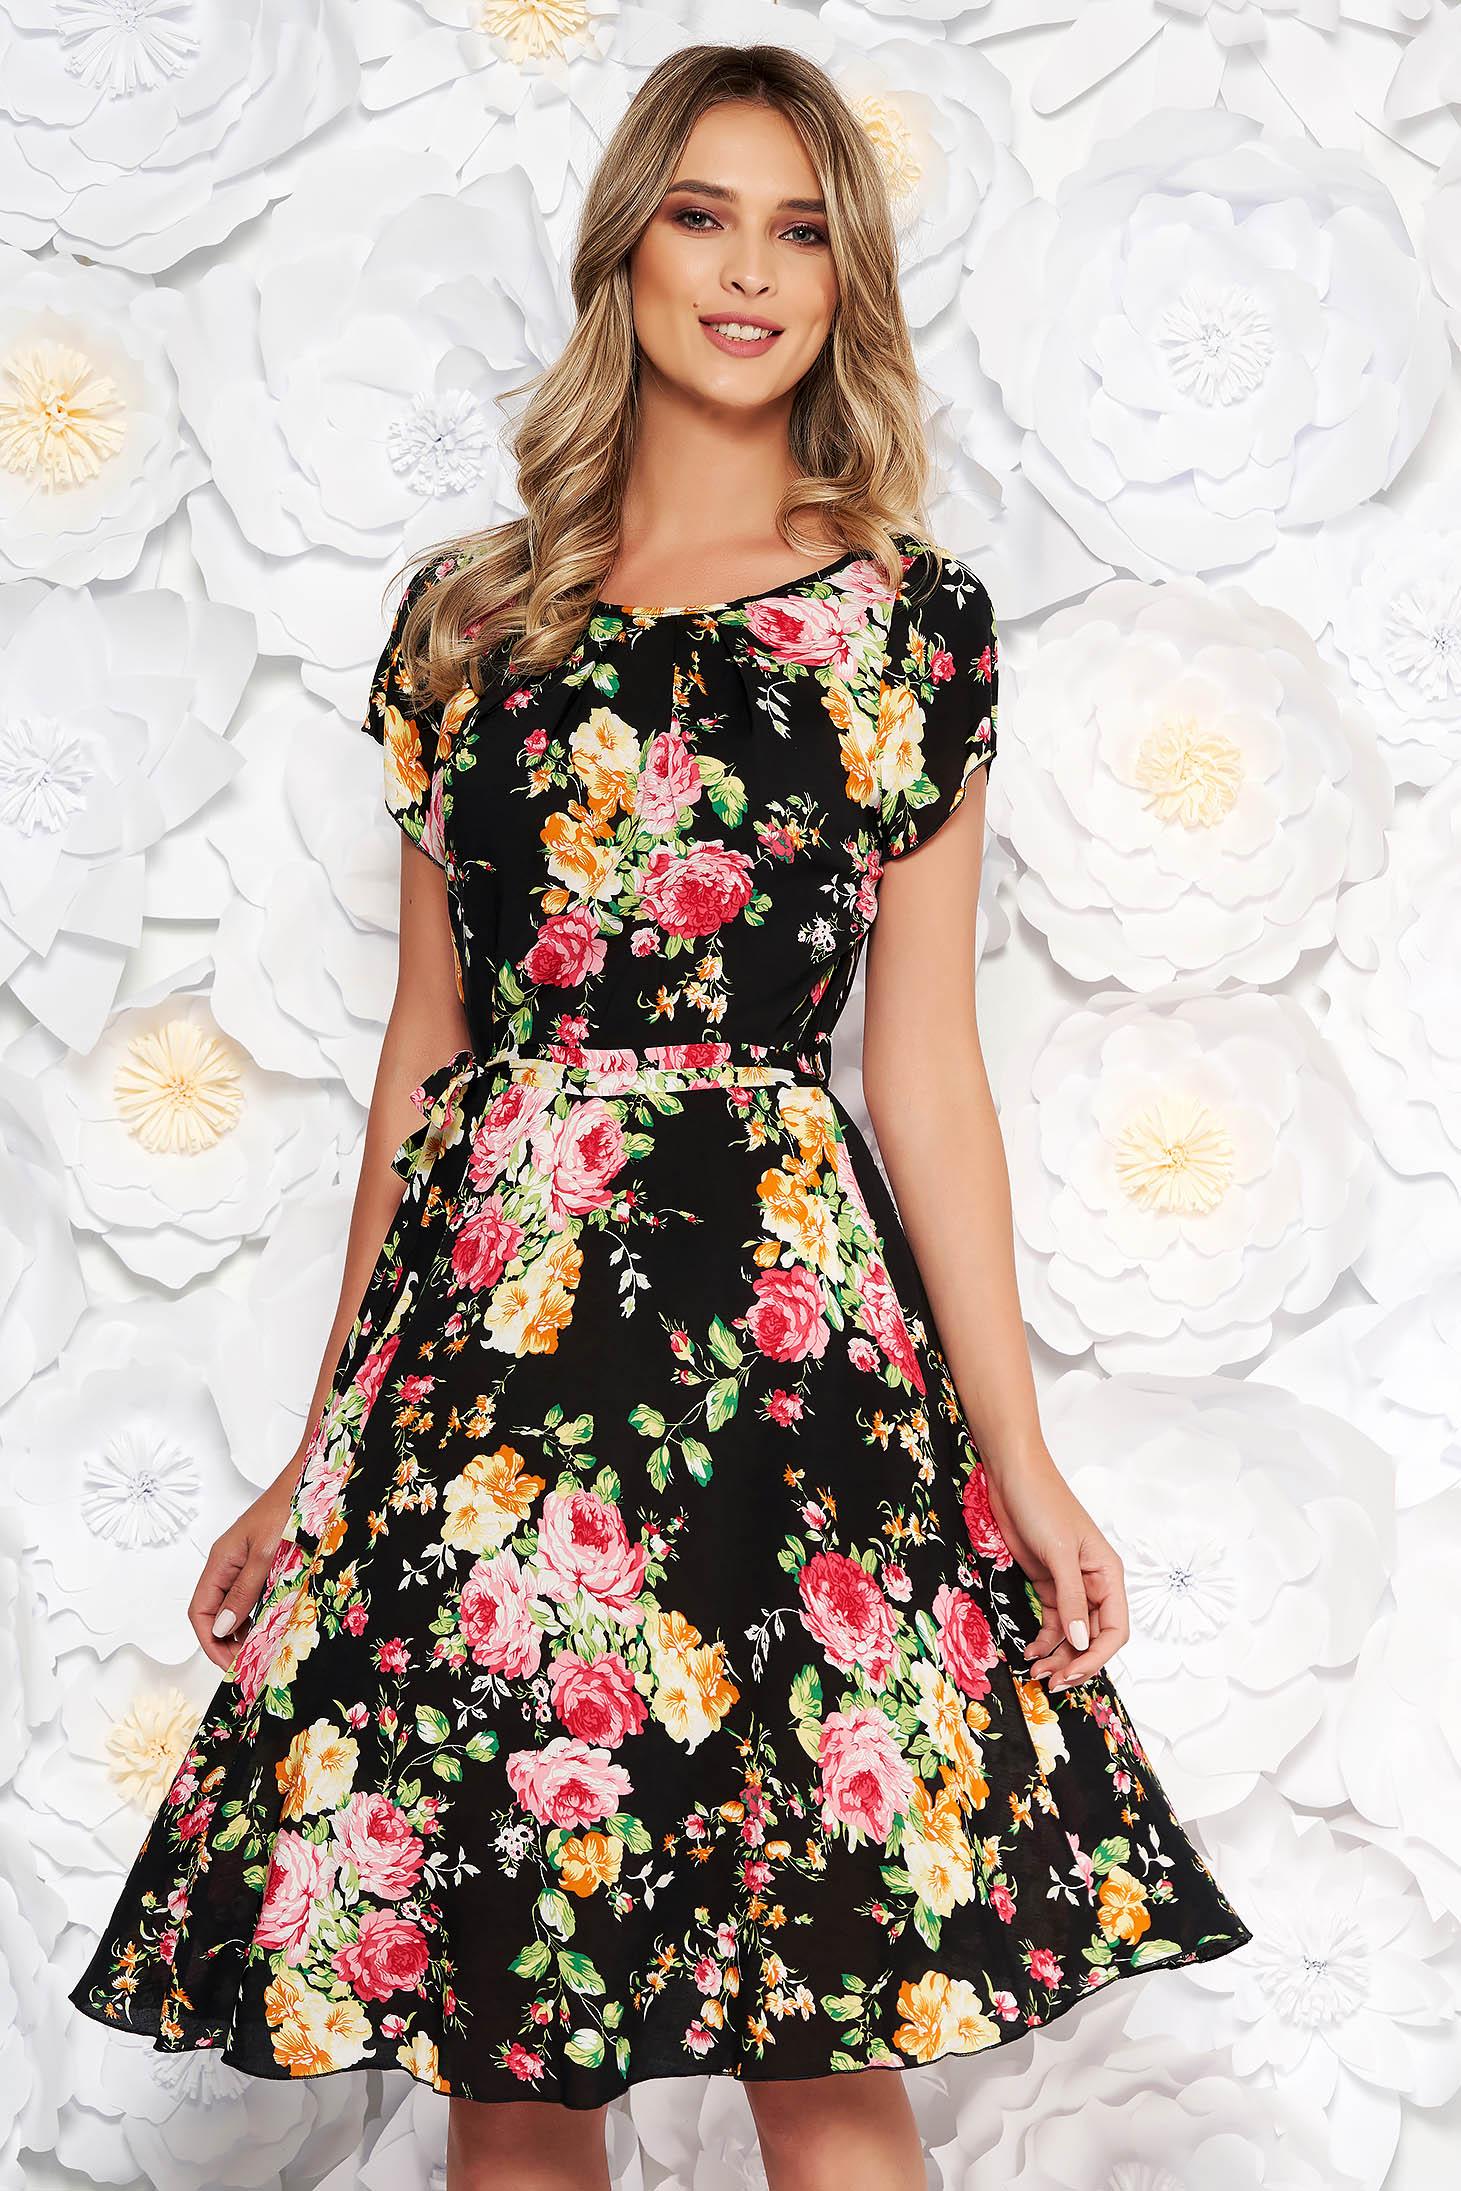 Fekete hétköznapi harang ruha rövid ujjakkal vékony anyag virágmintás díszítéssel